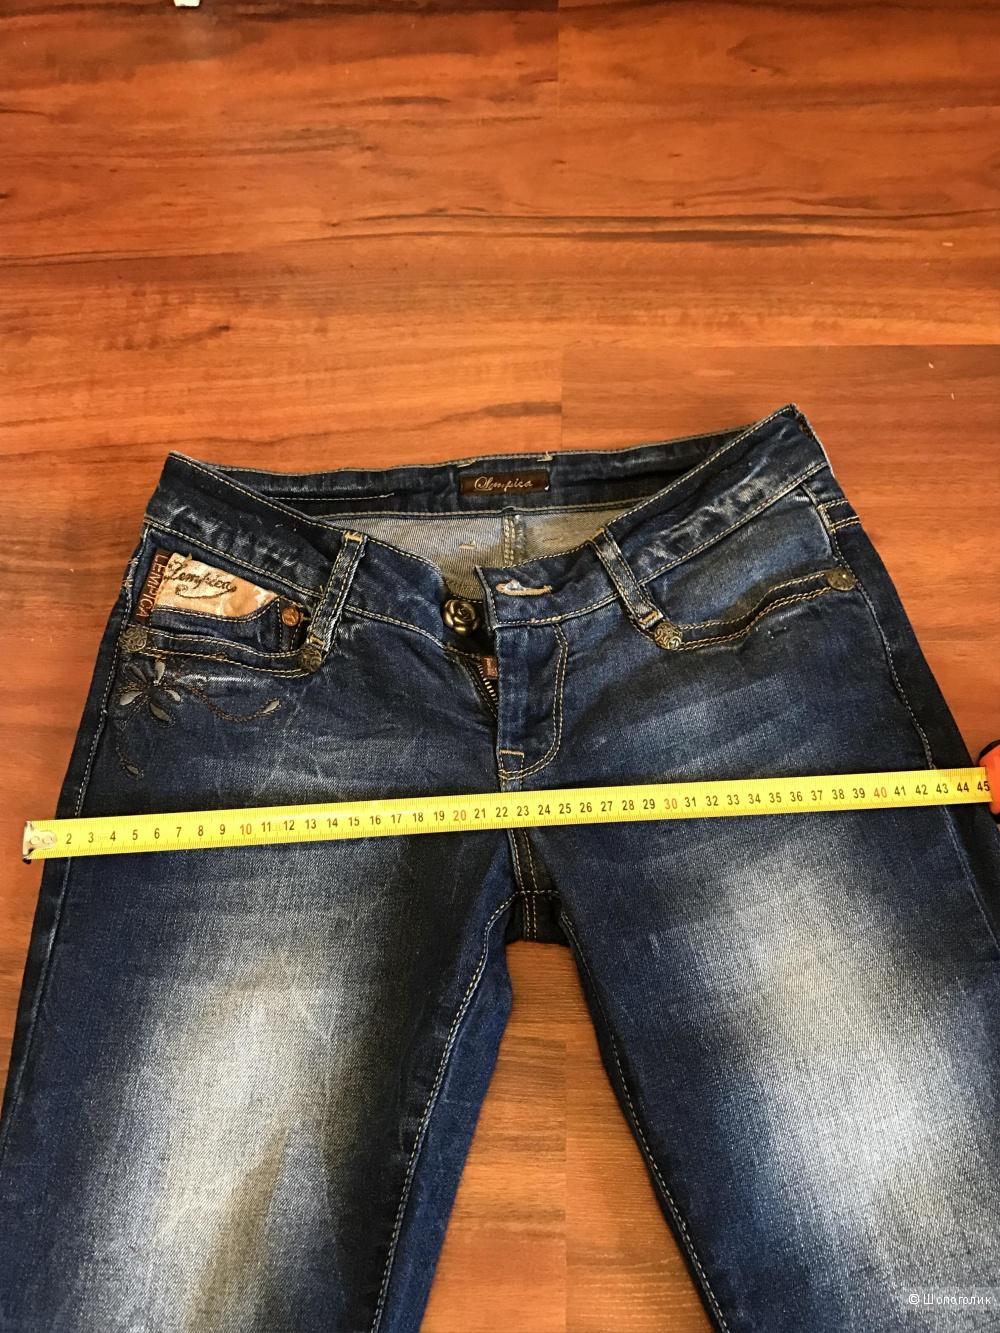 Новые джинсы Lempica цвет темно-синий, красивая фурнитура размер 28 Турция